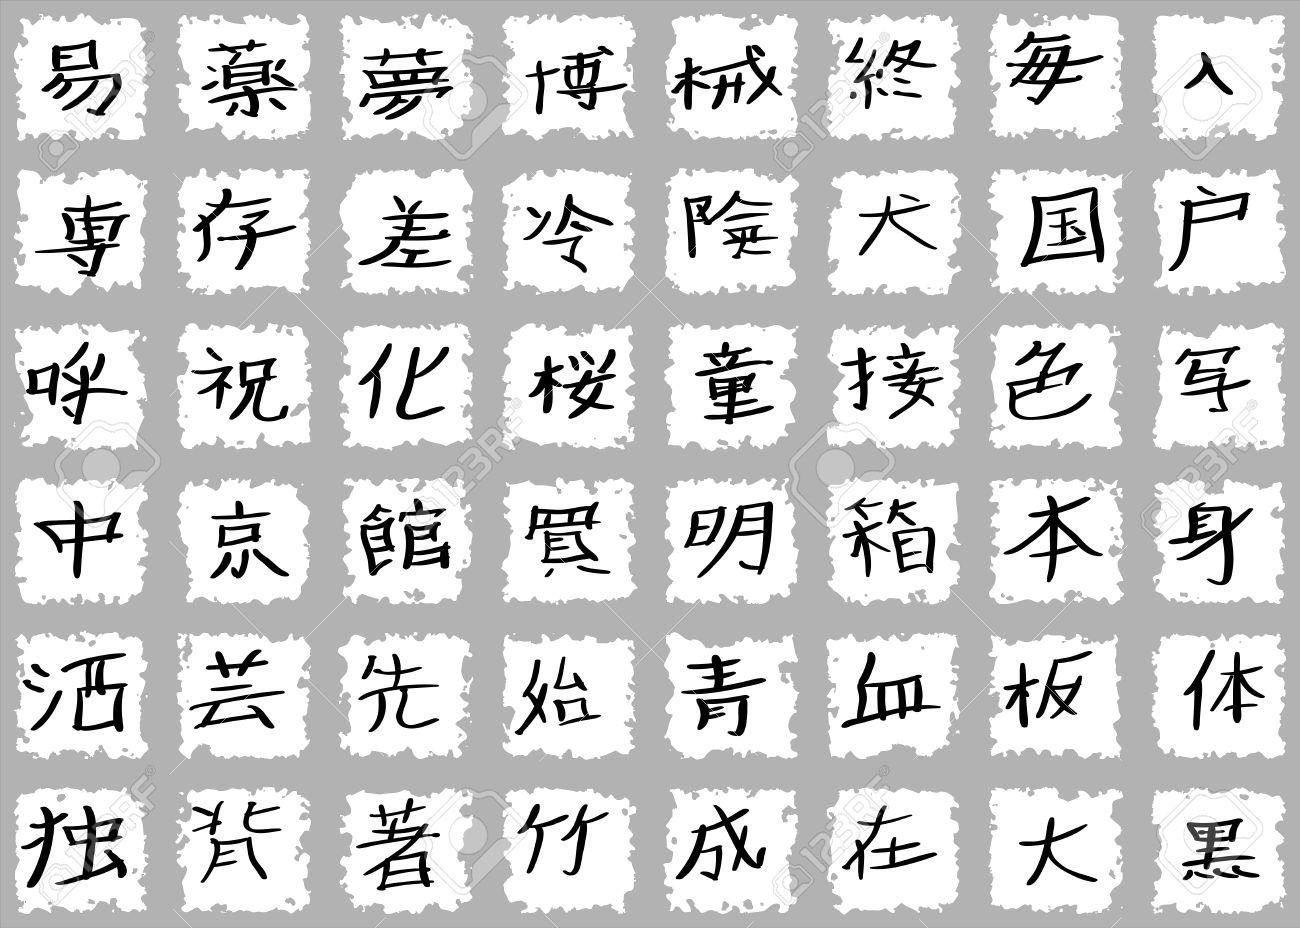 japanese kanji, japanese grammar